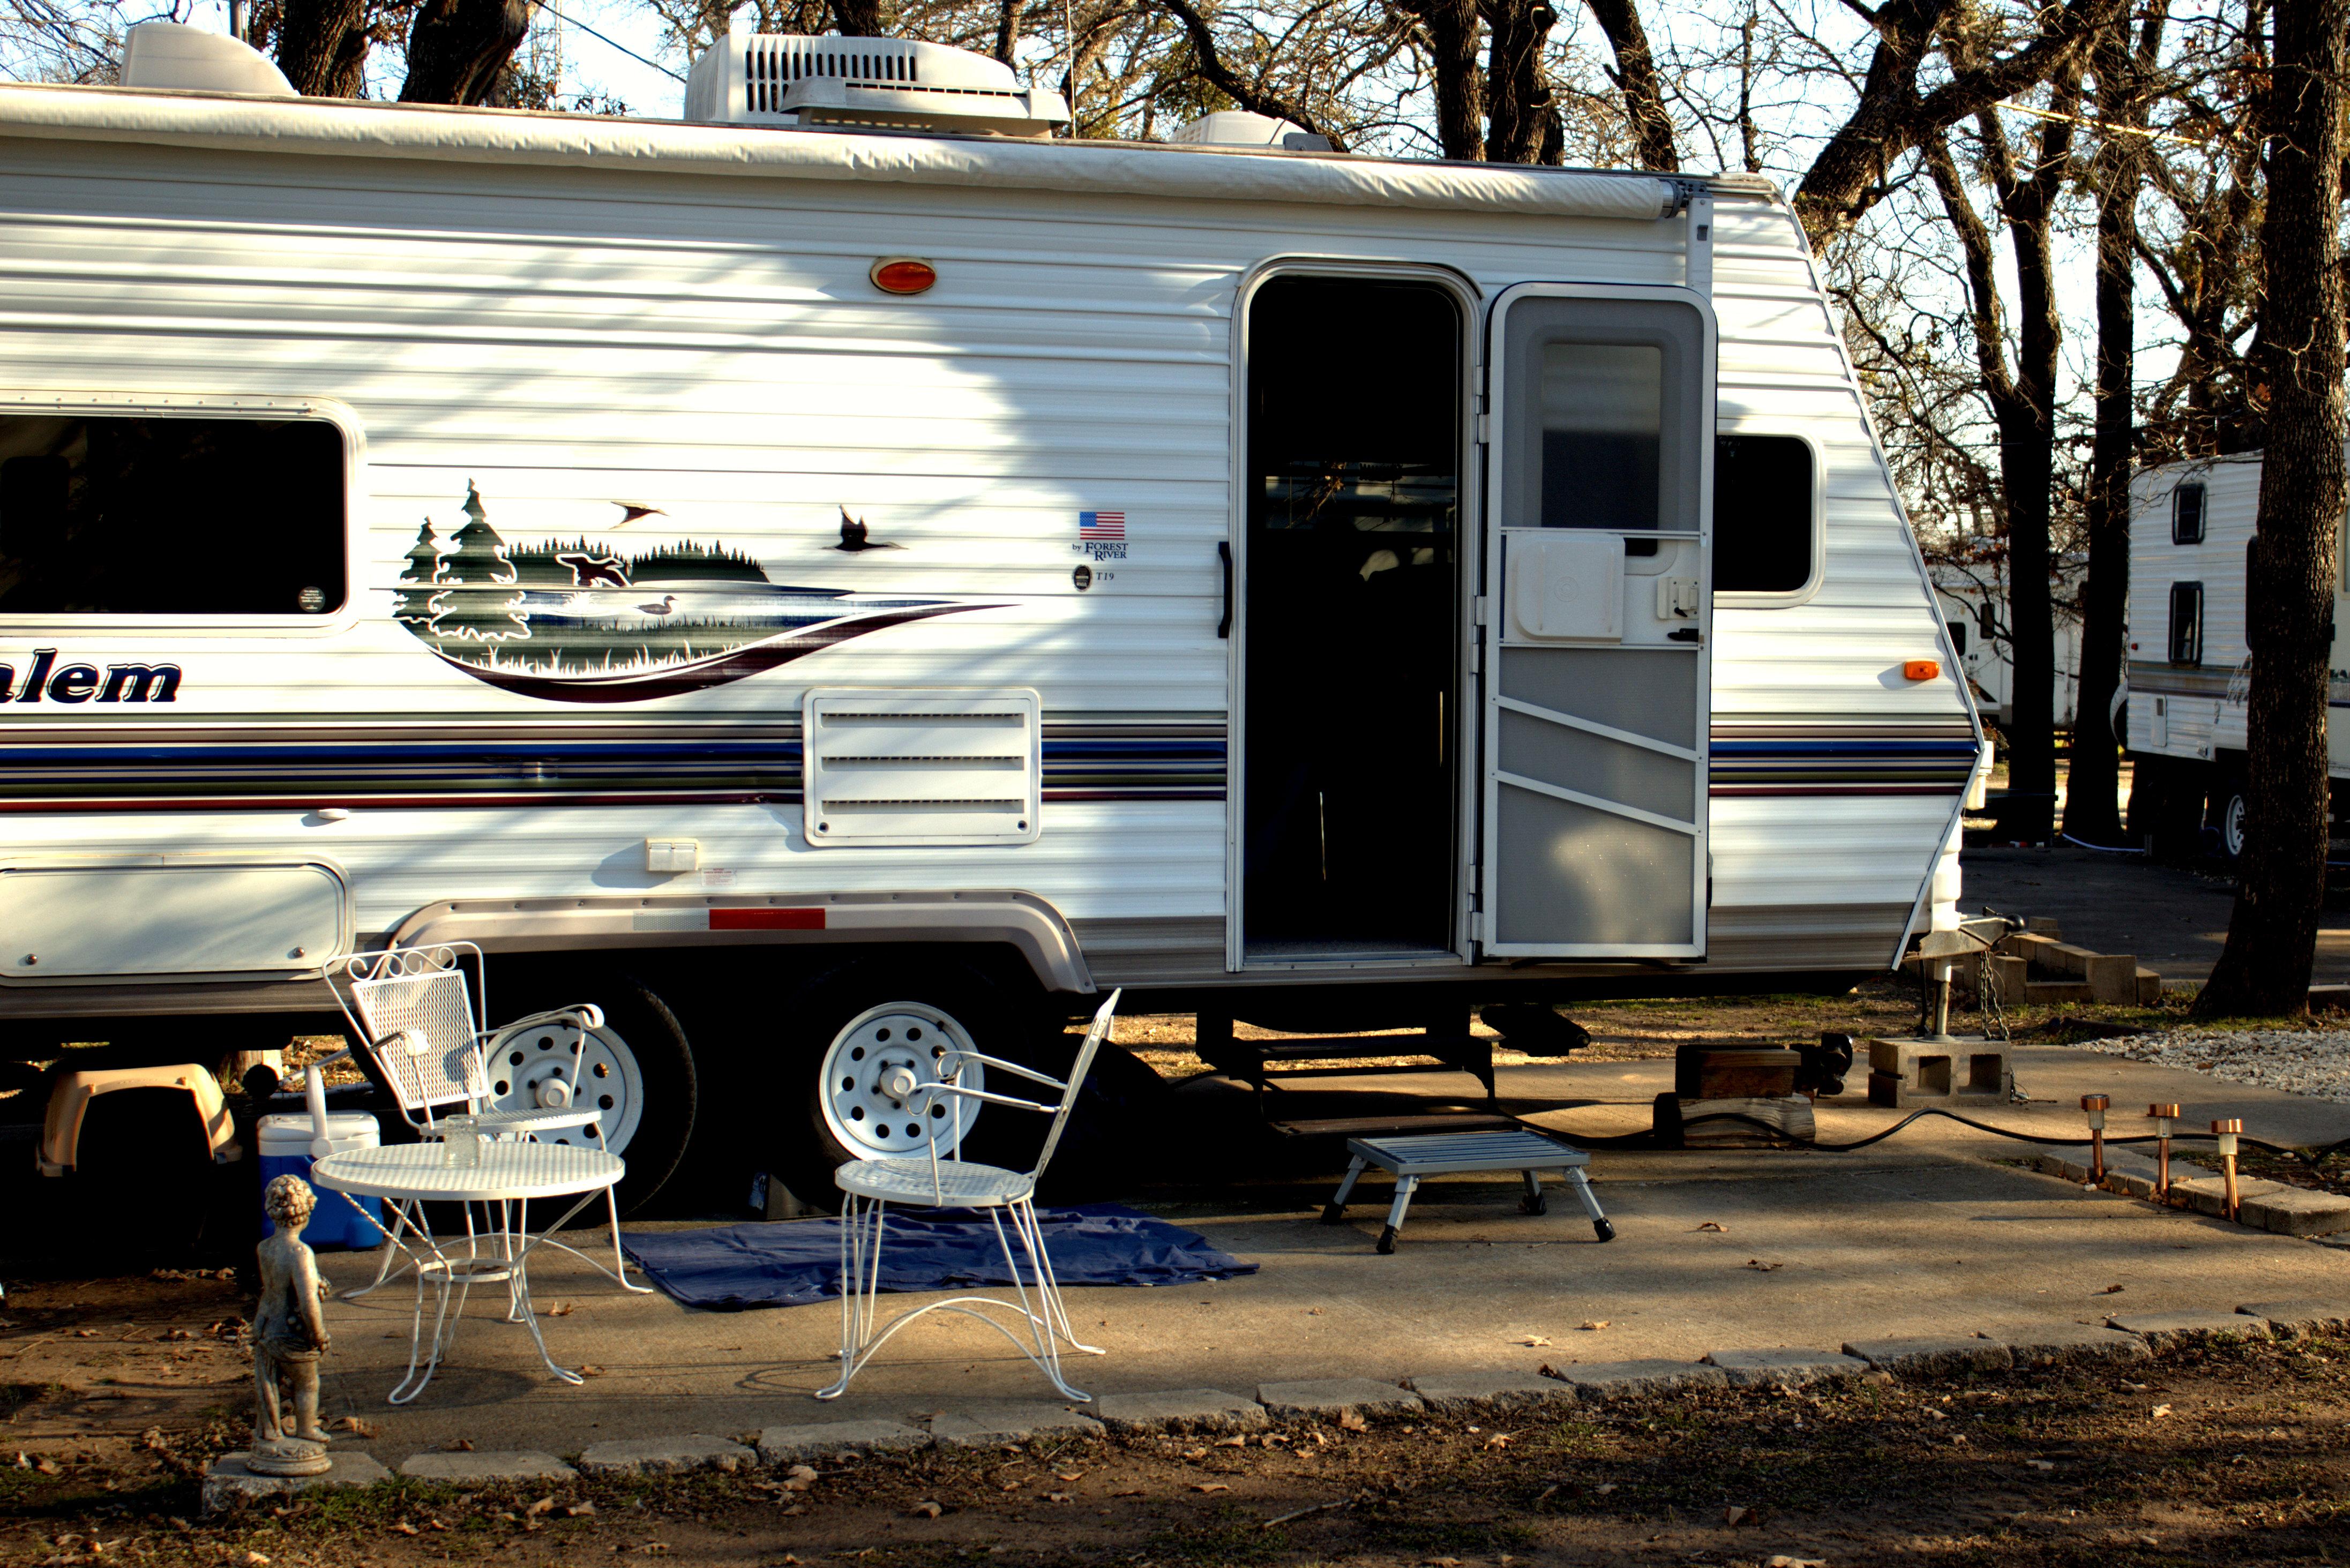 Waco Rv Parks Reviews And Photos Rvparking Com